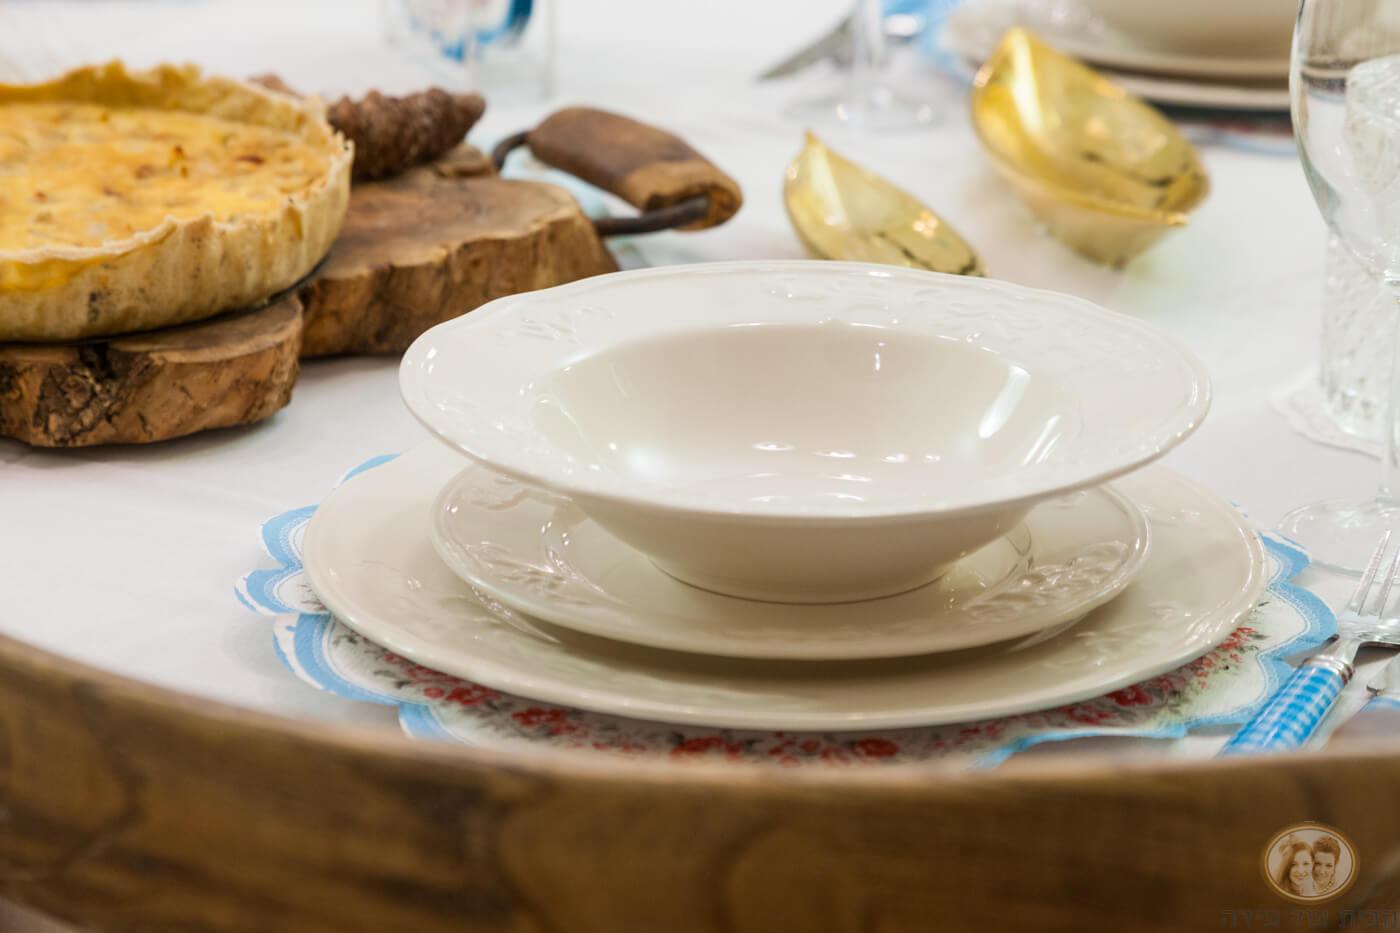 סט כלים בלבן בסגנון פרובנס